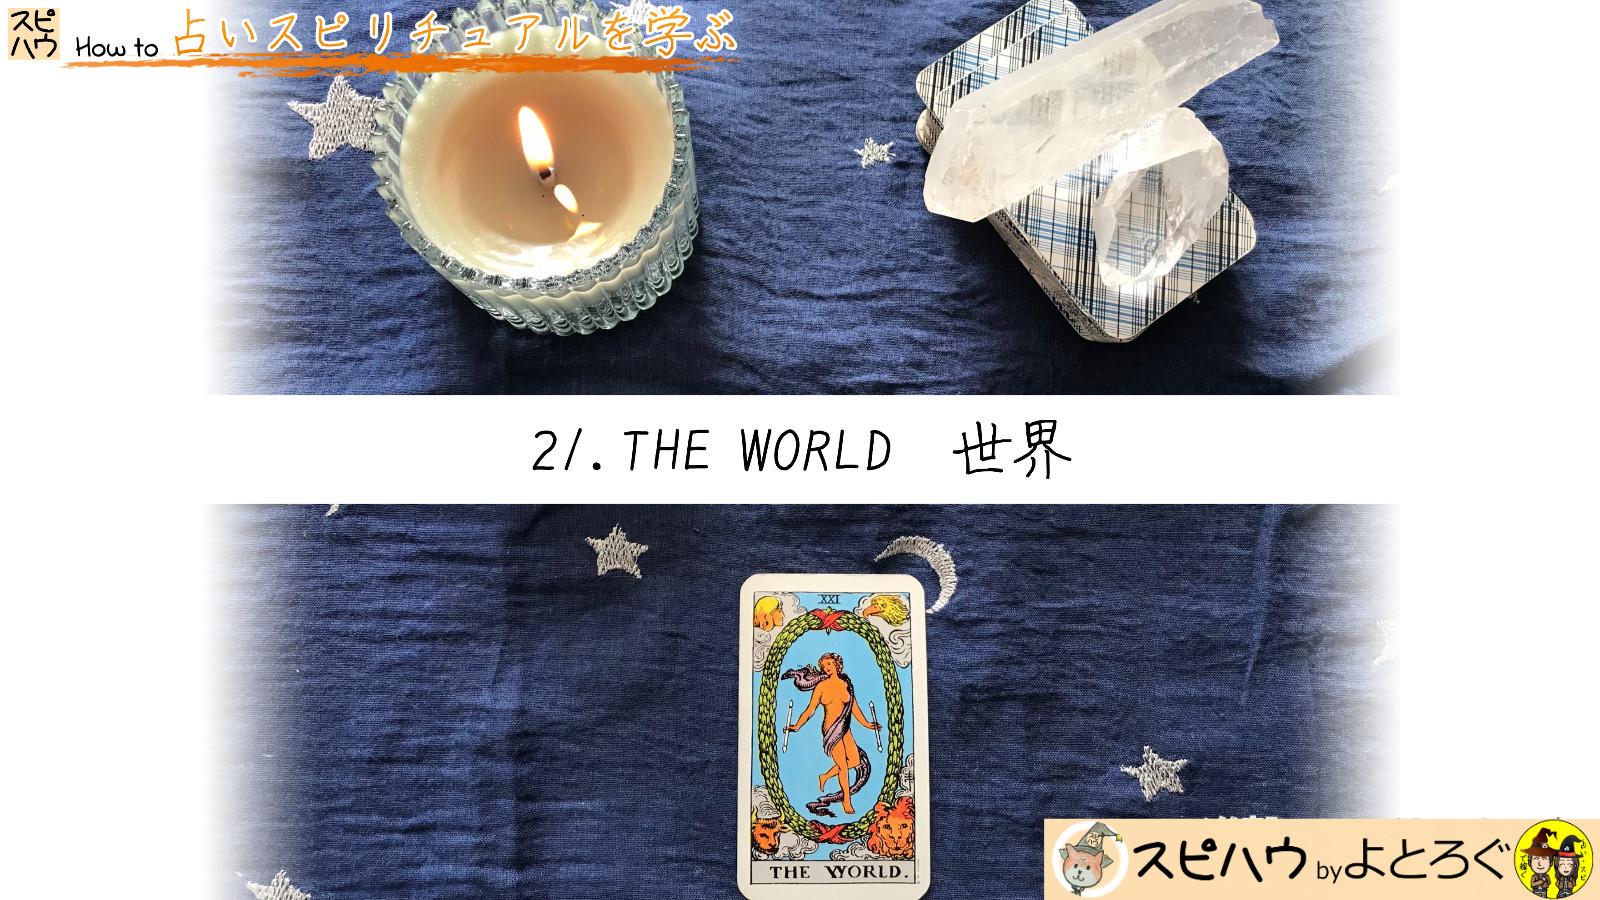 あらゆるものが完璧に調和するミラクルな時間 21.世界 THE WORLDのカード画像